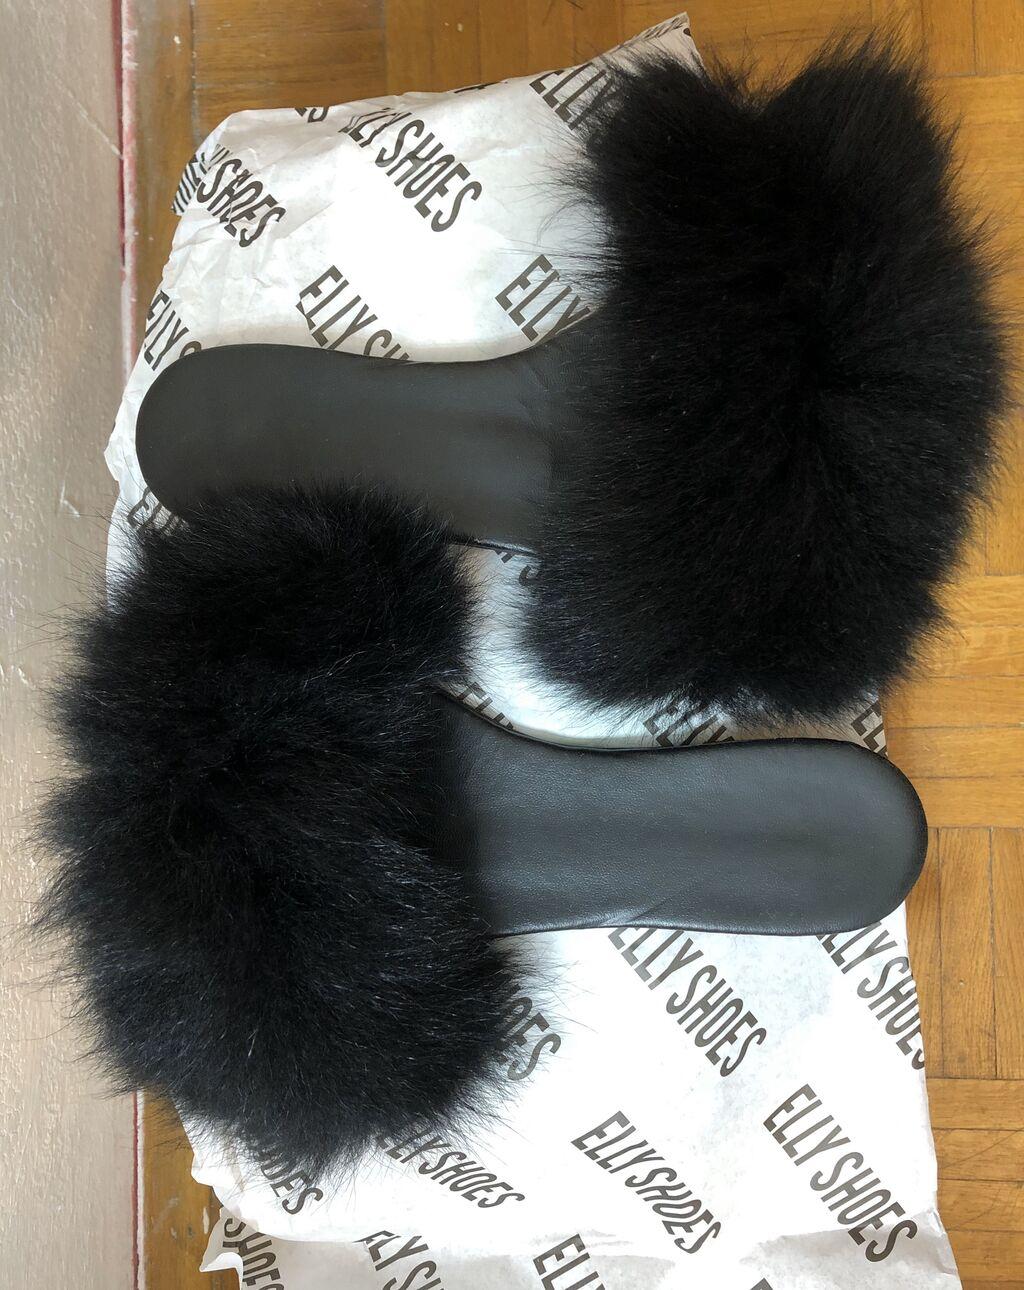 Crne papuče sa crnim velikim krznom